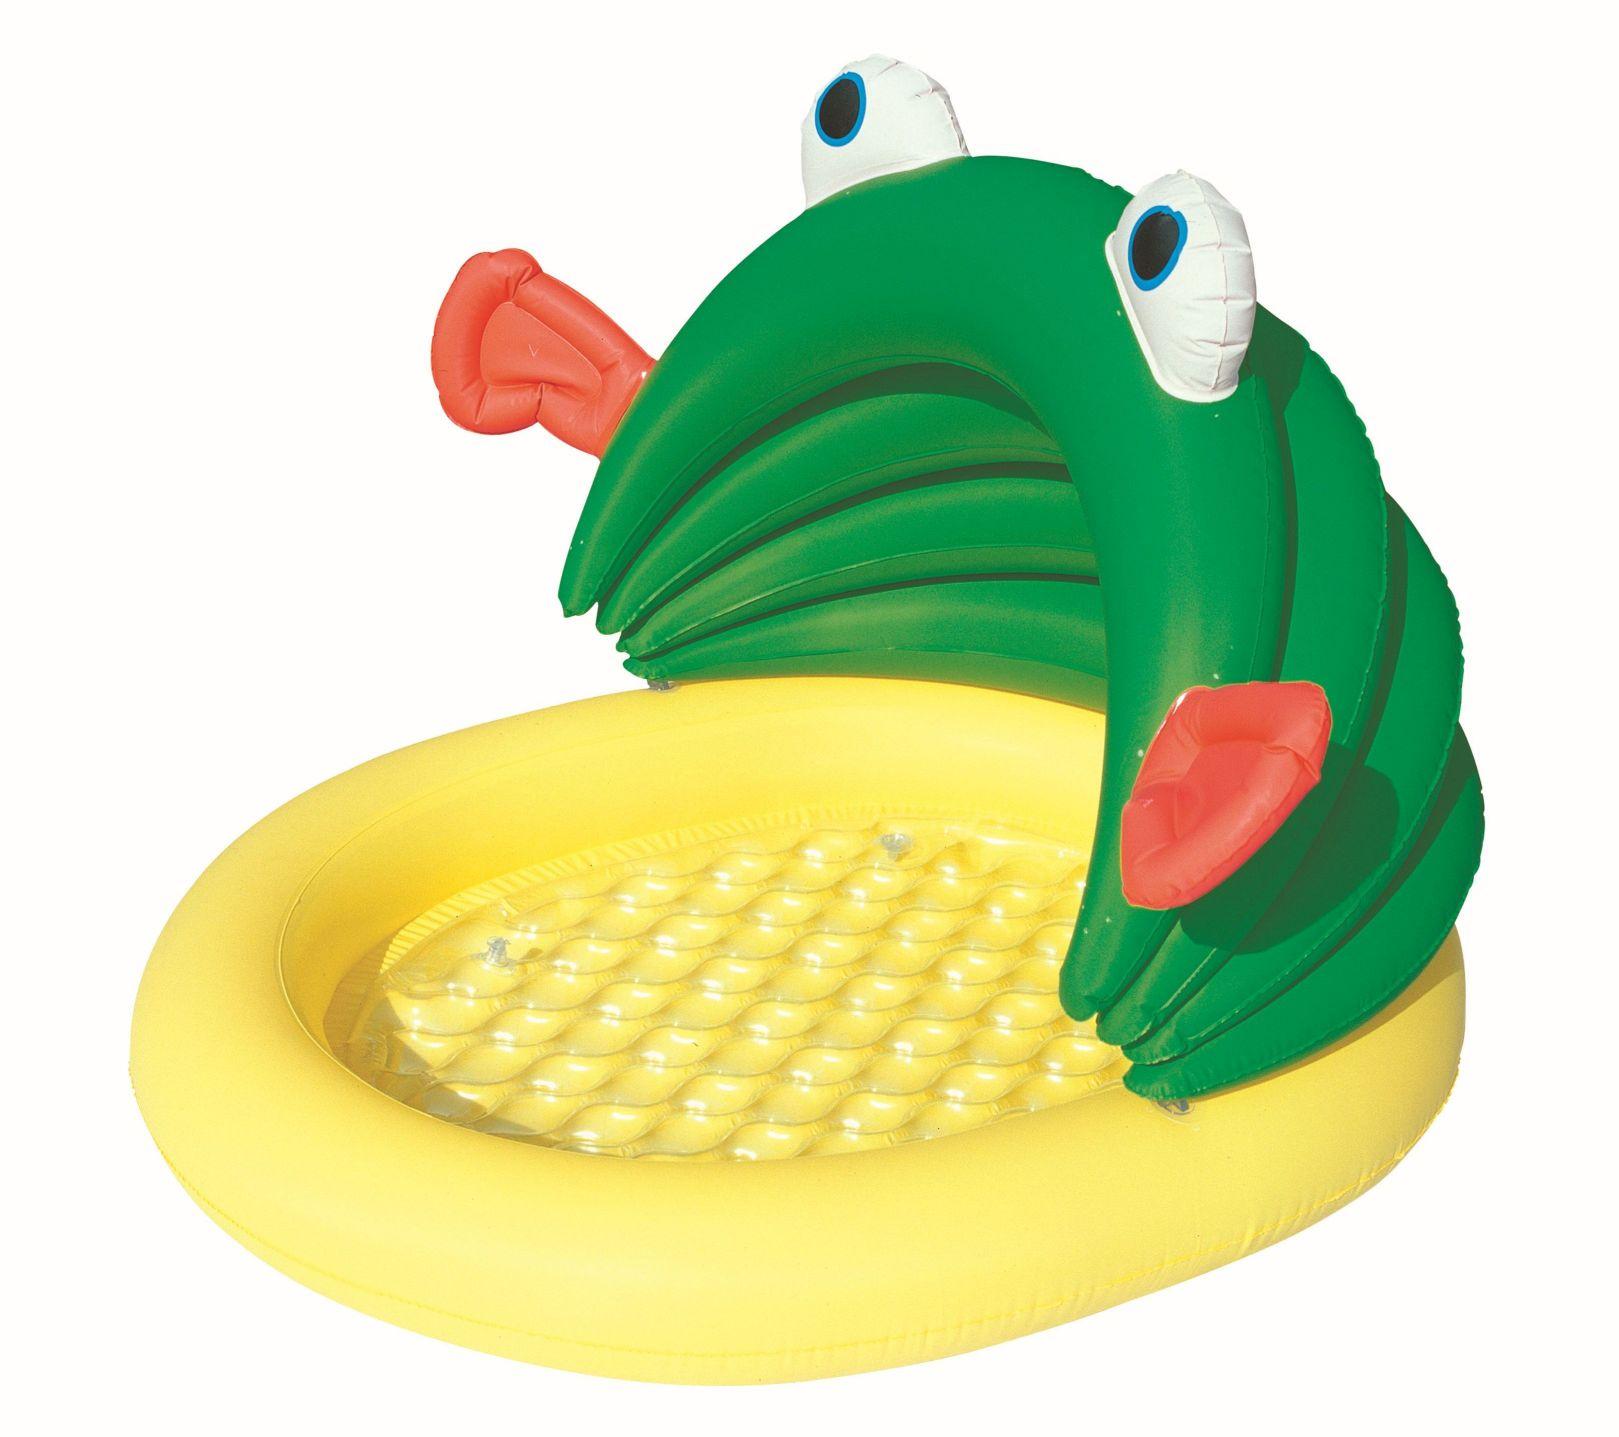 Bestway Dětský bazén 52162 žába se stříškou 107 x 104 x 71 cm